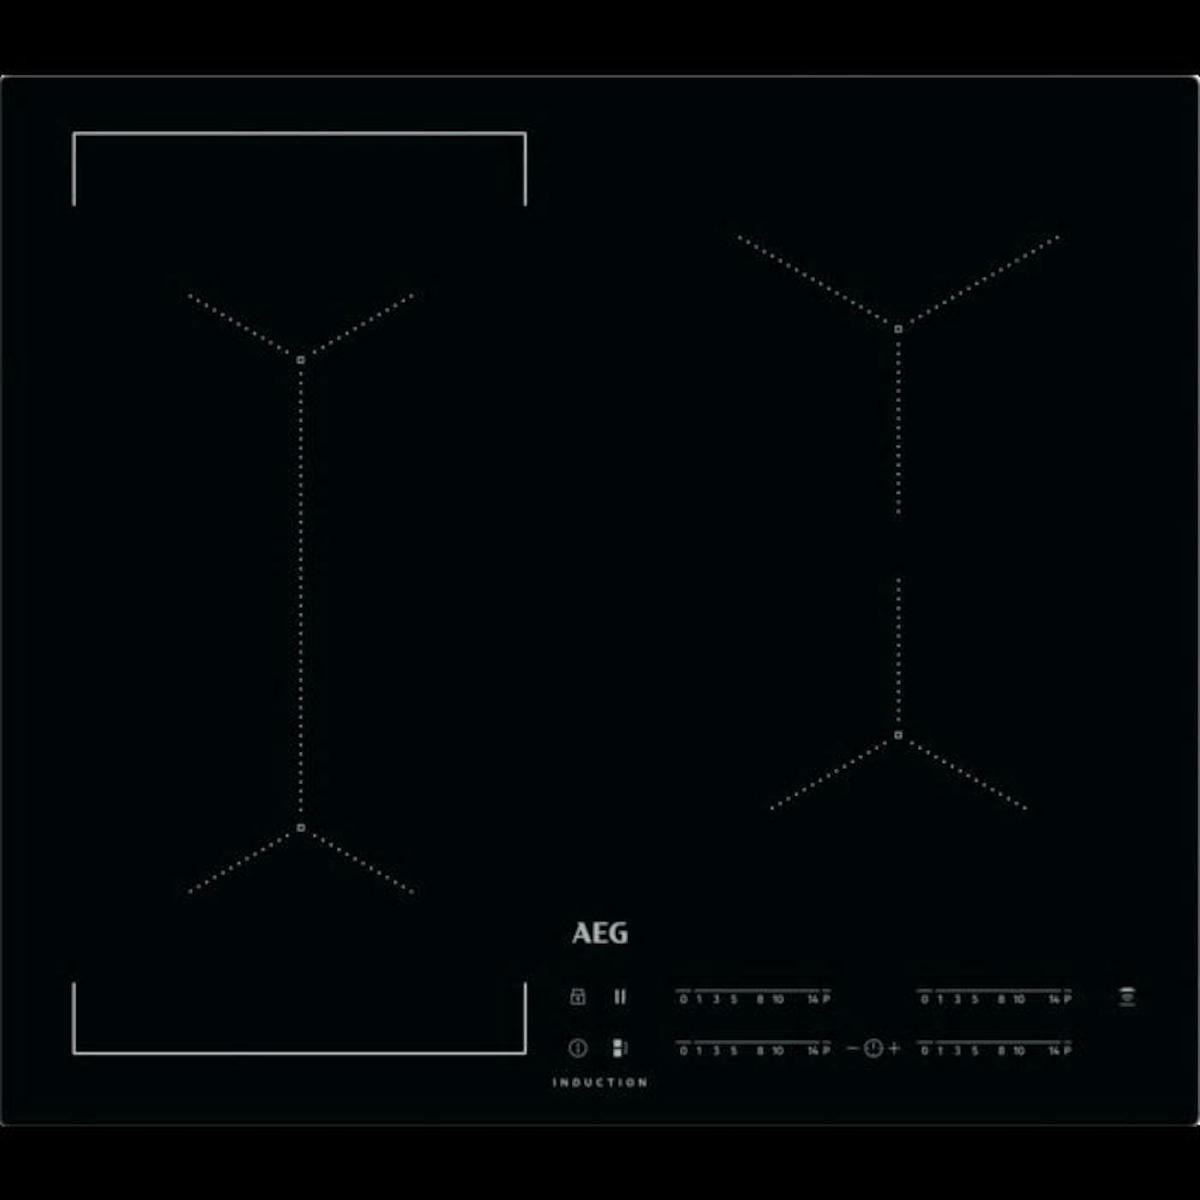 Indukční varná deska AEG černá IKE64441IB